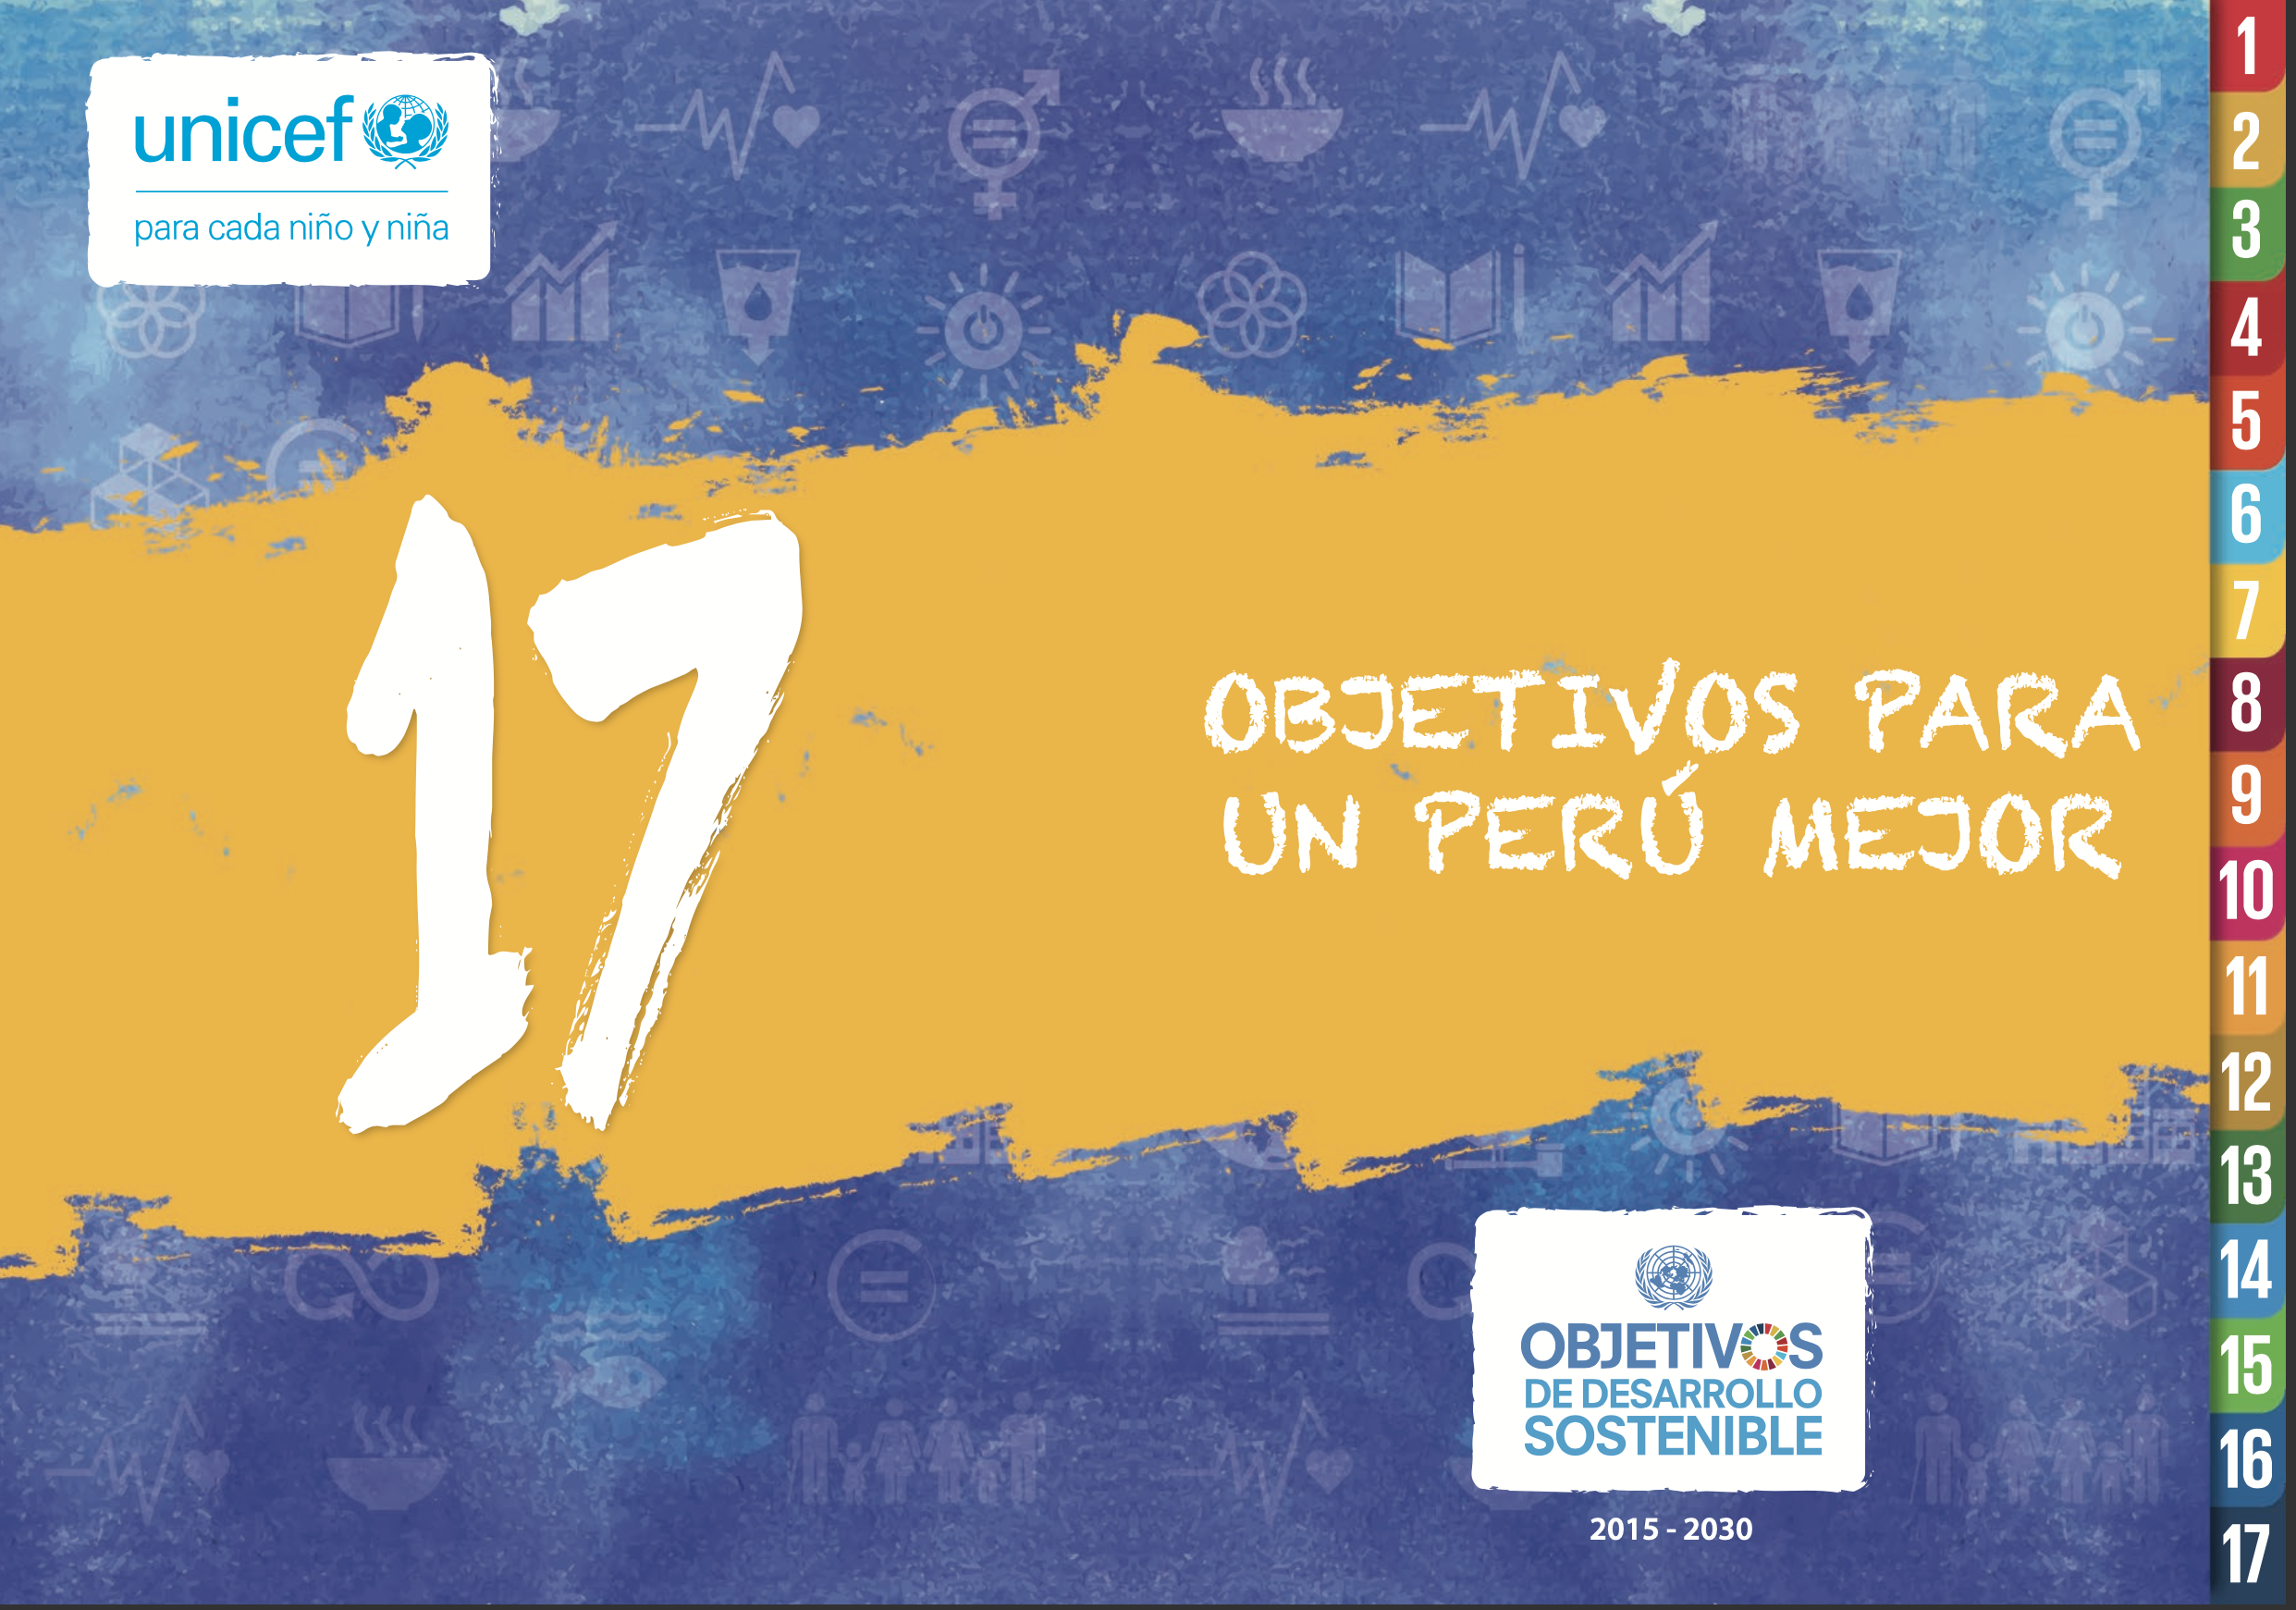 17 Objetivos para un Perú mejor